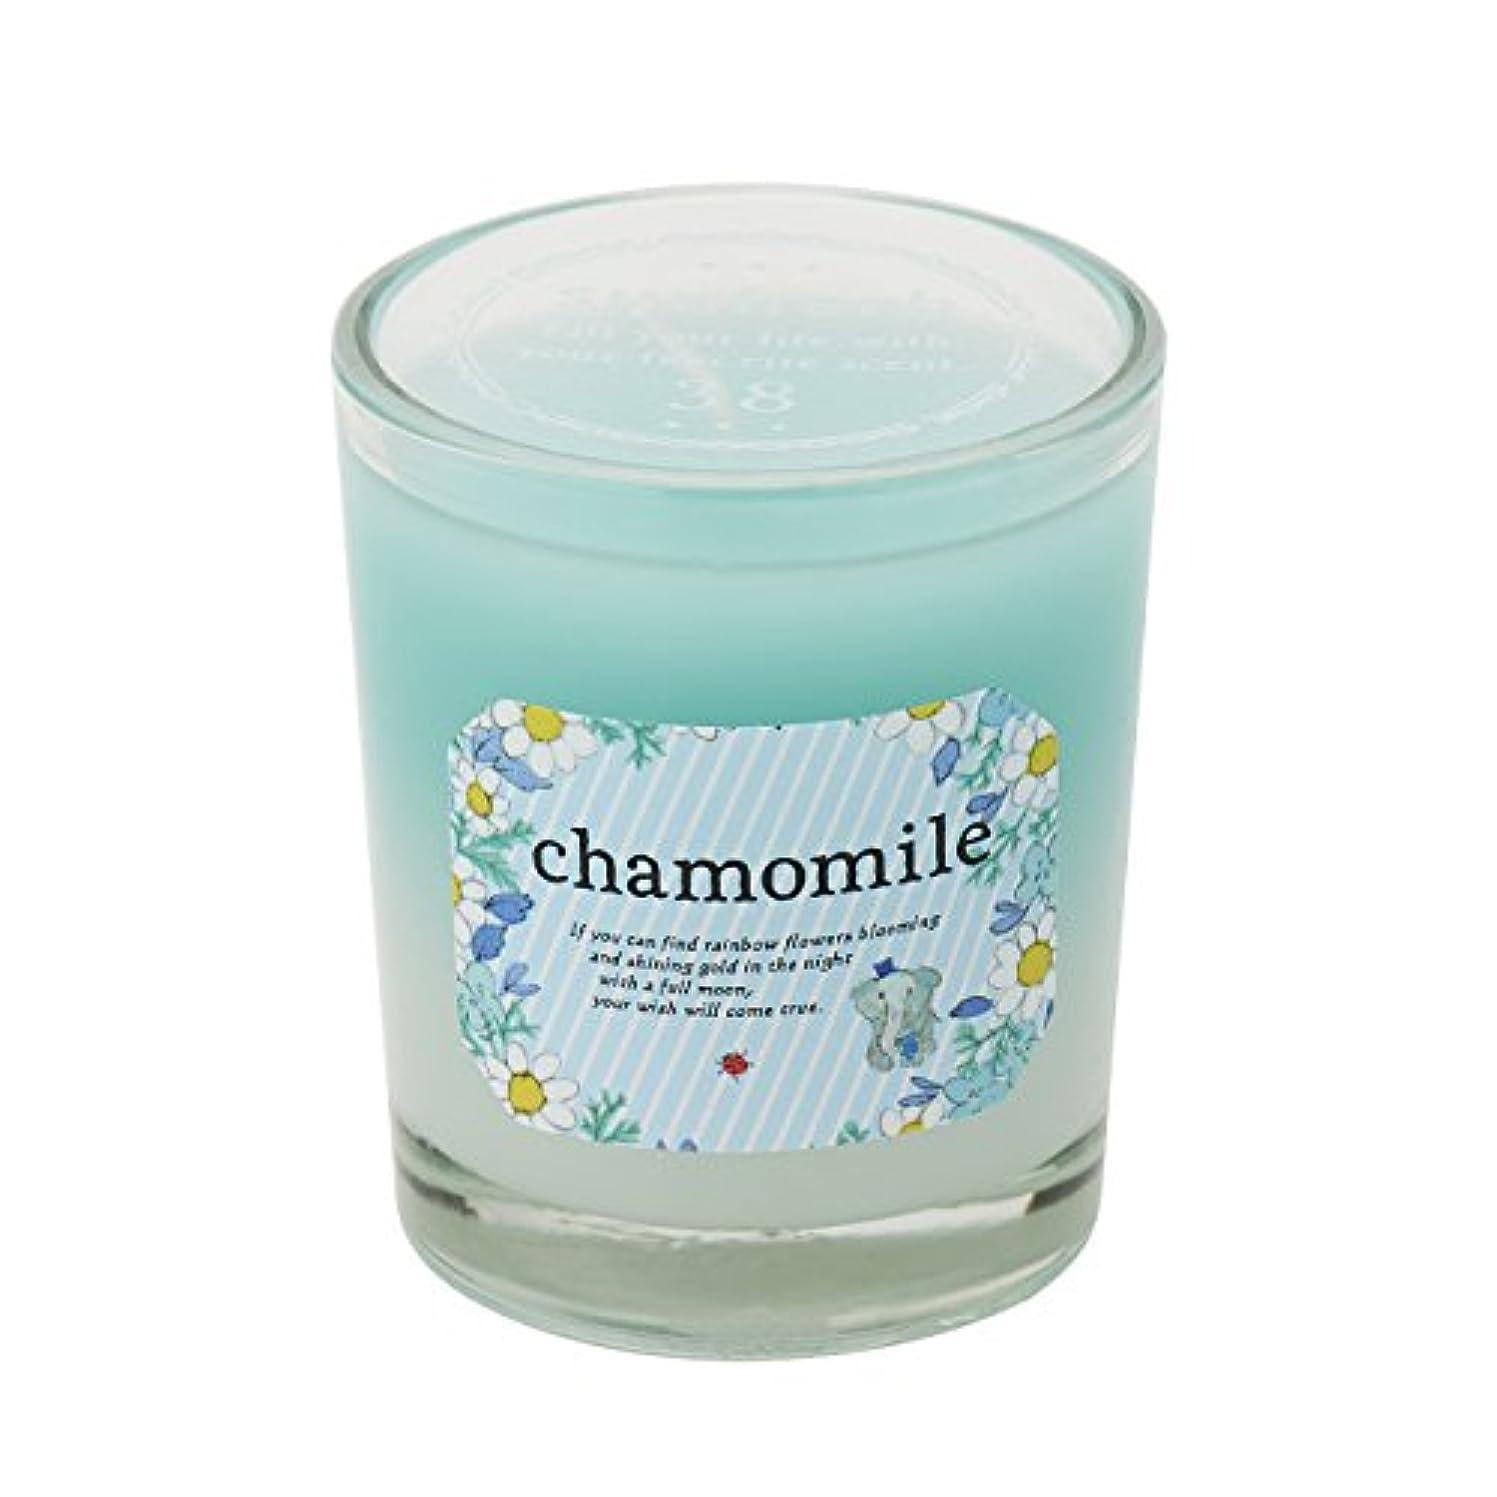 要求するテクニカル支店サンハーブ グラスキャンドル カモマイル 35g(グラデーションろうそく 燃焼時間約10時間 やさしく穏やかな甘い香り)